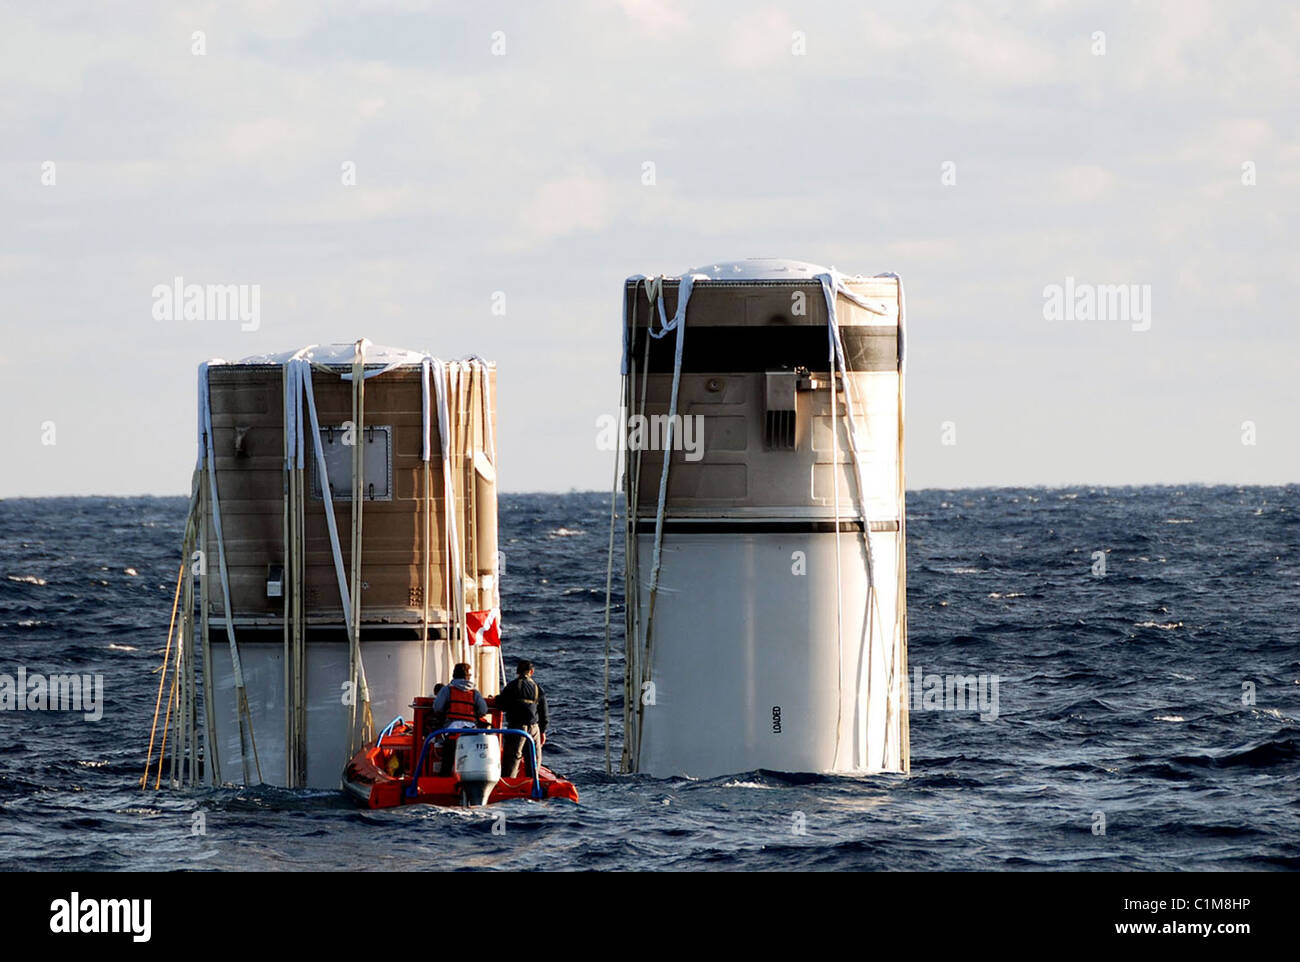 Propulseurs à poudre de la navette spatiale de l'Océan Atlantique Photo Stock